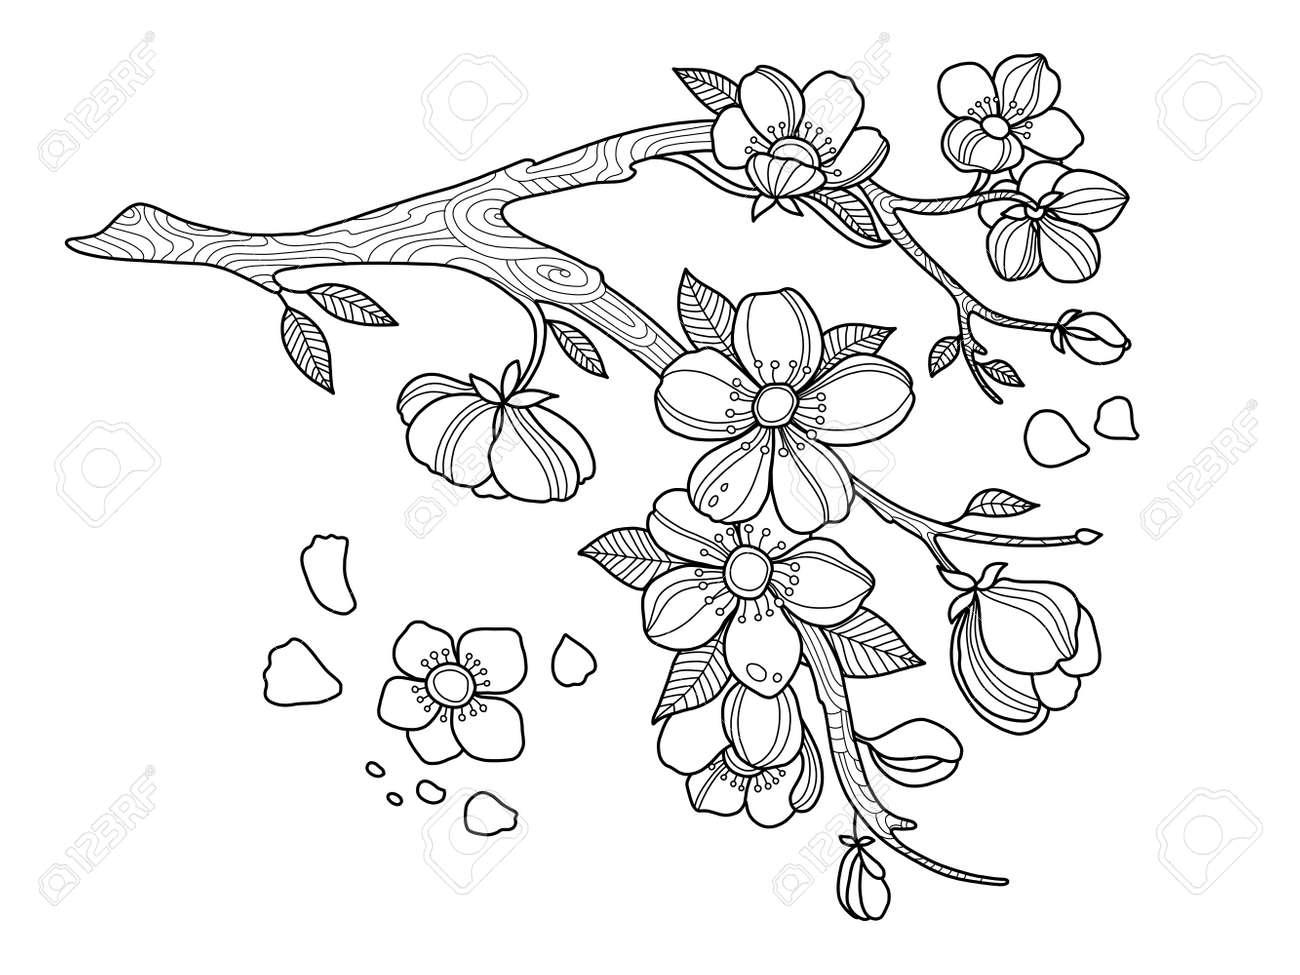 桜塗り絵ベクトル イラスト の写真素材画像素材 Image 72131639